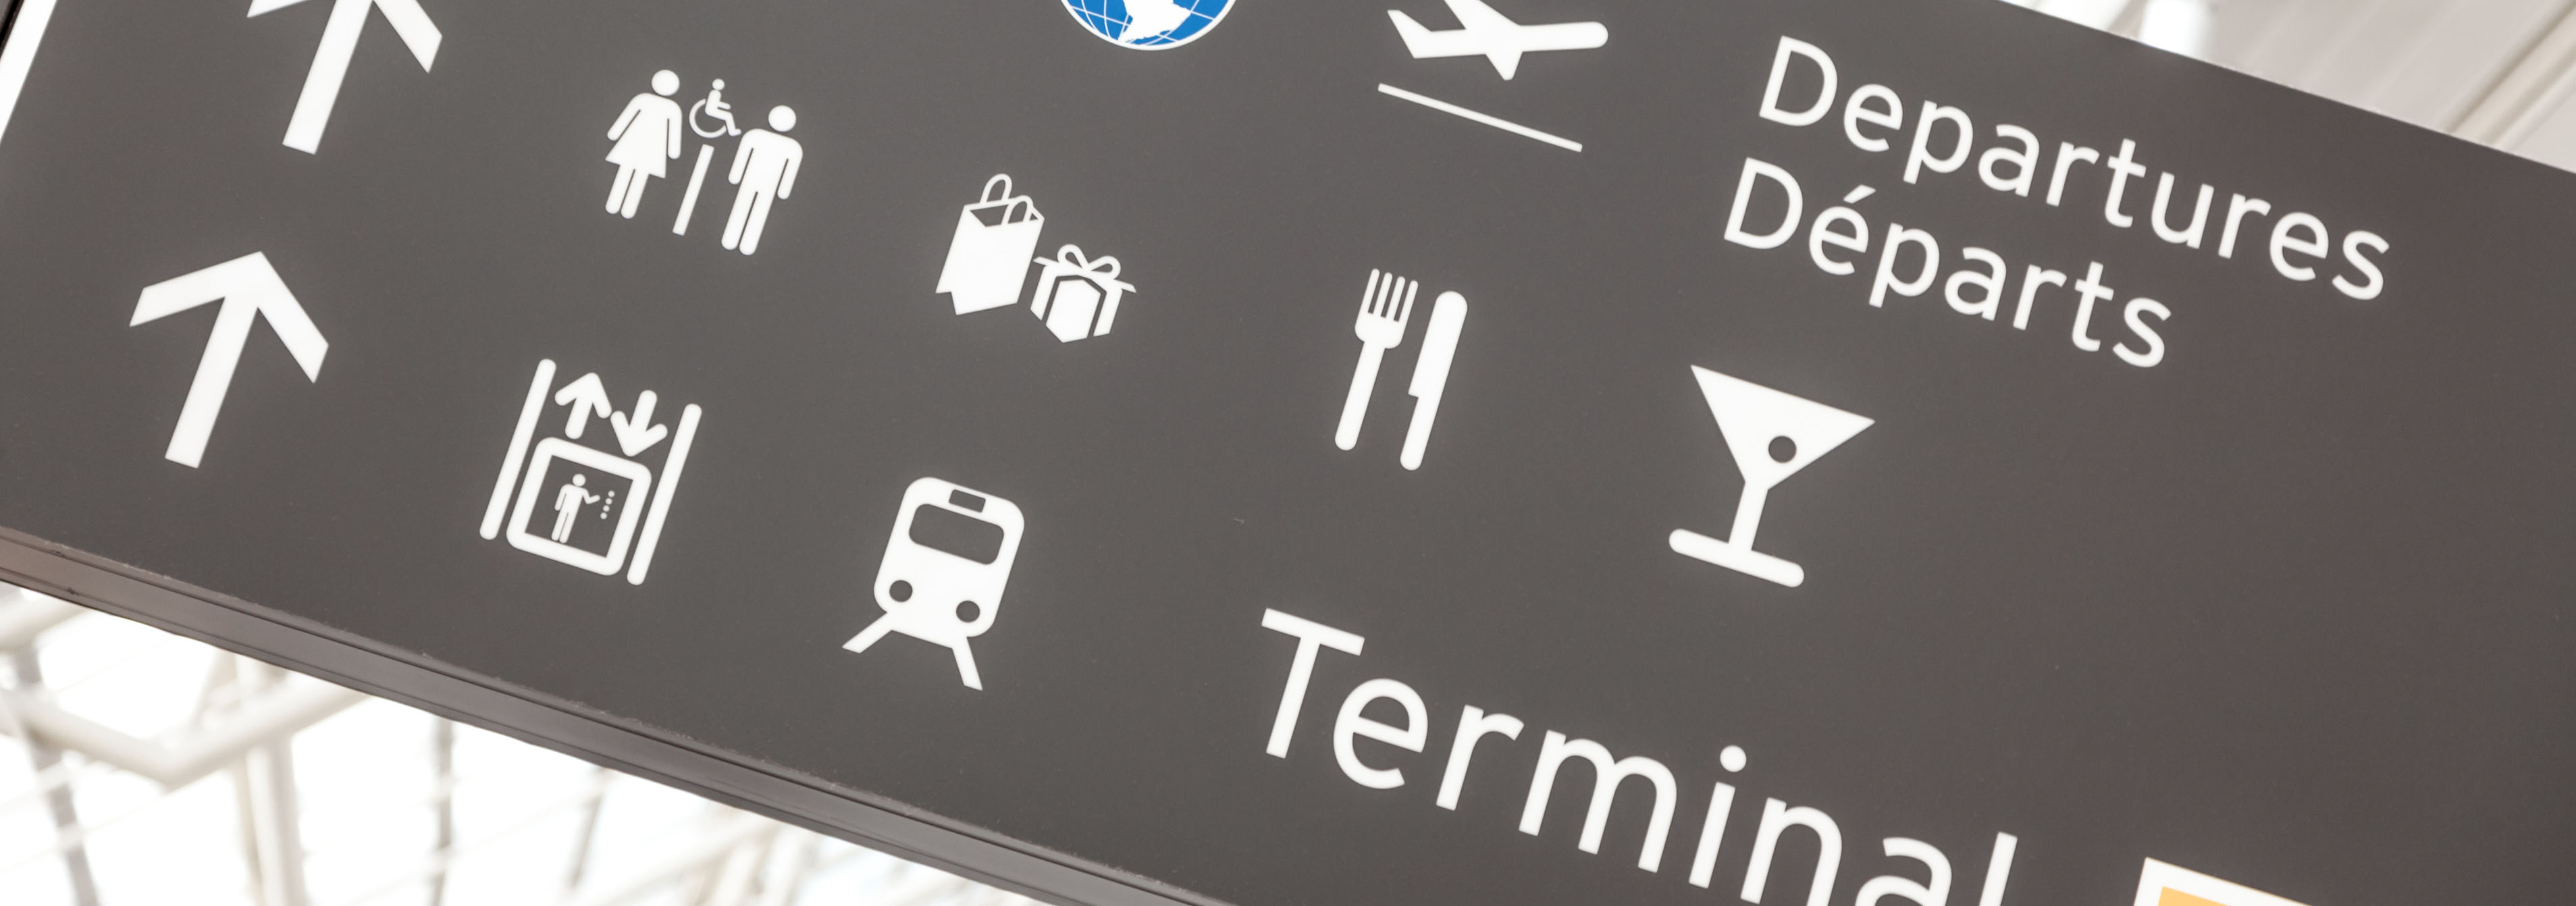 affichage dand l'aéroport